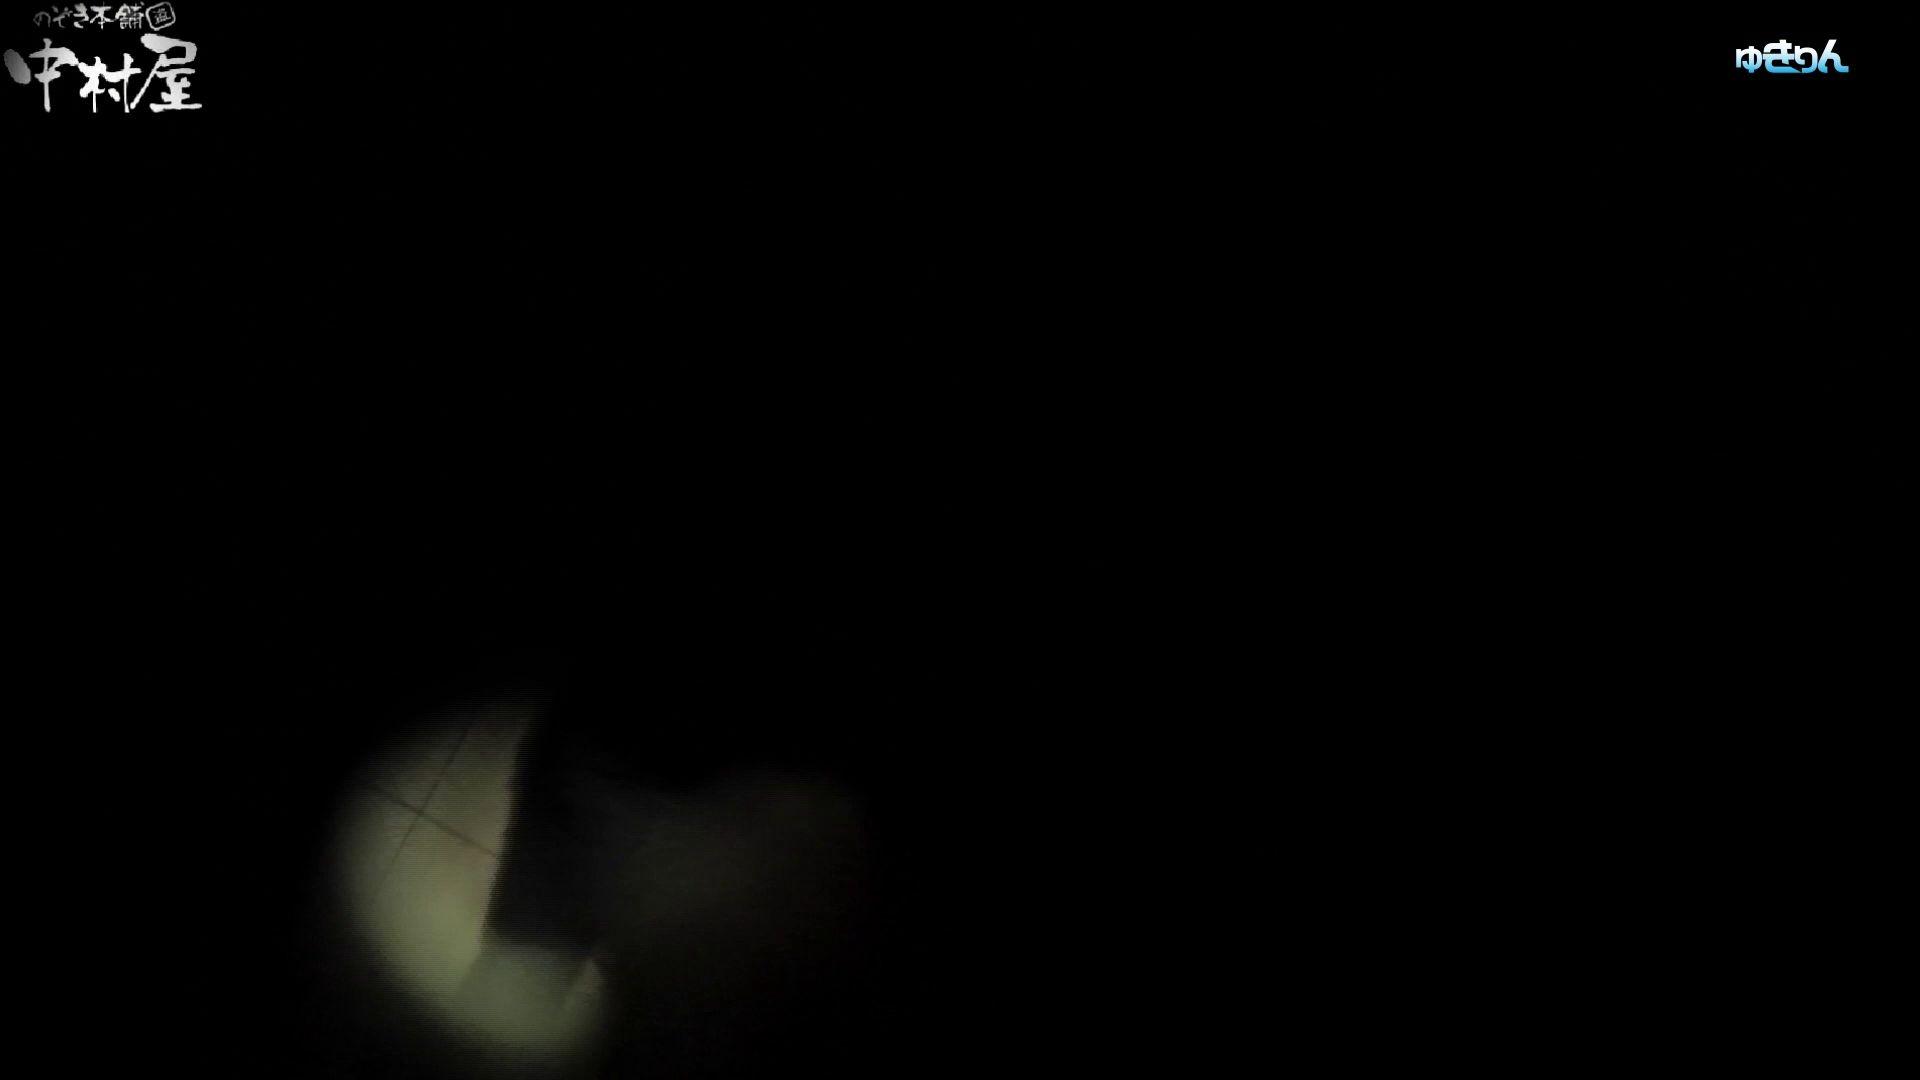 世界の射窓から~ステーション編 vol58 0.1%の確率!!吸い付こまれるプレミアム聖地 おまんこ見放題 | 盗撮シリーズ  80PIX 33